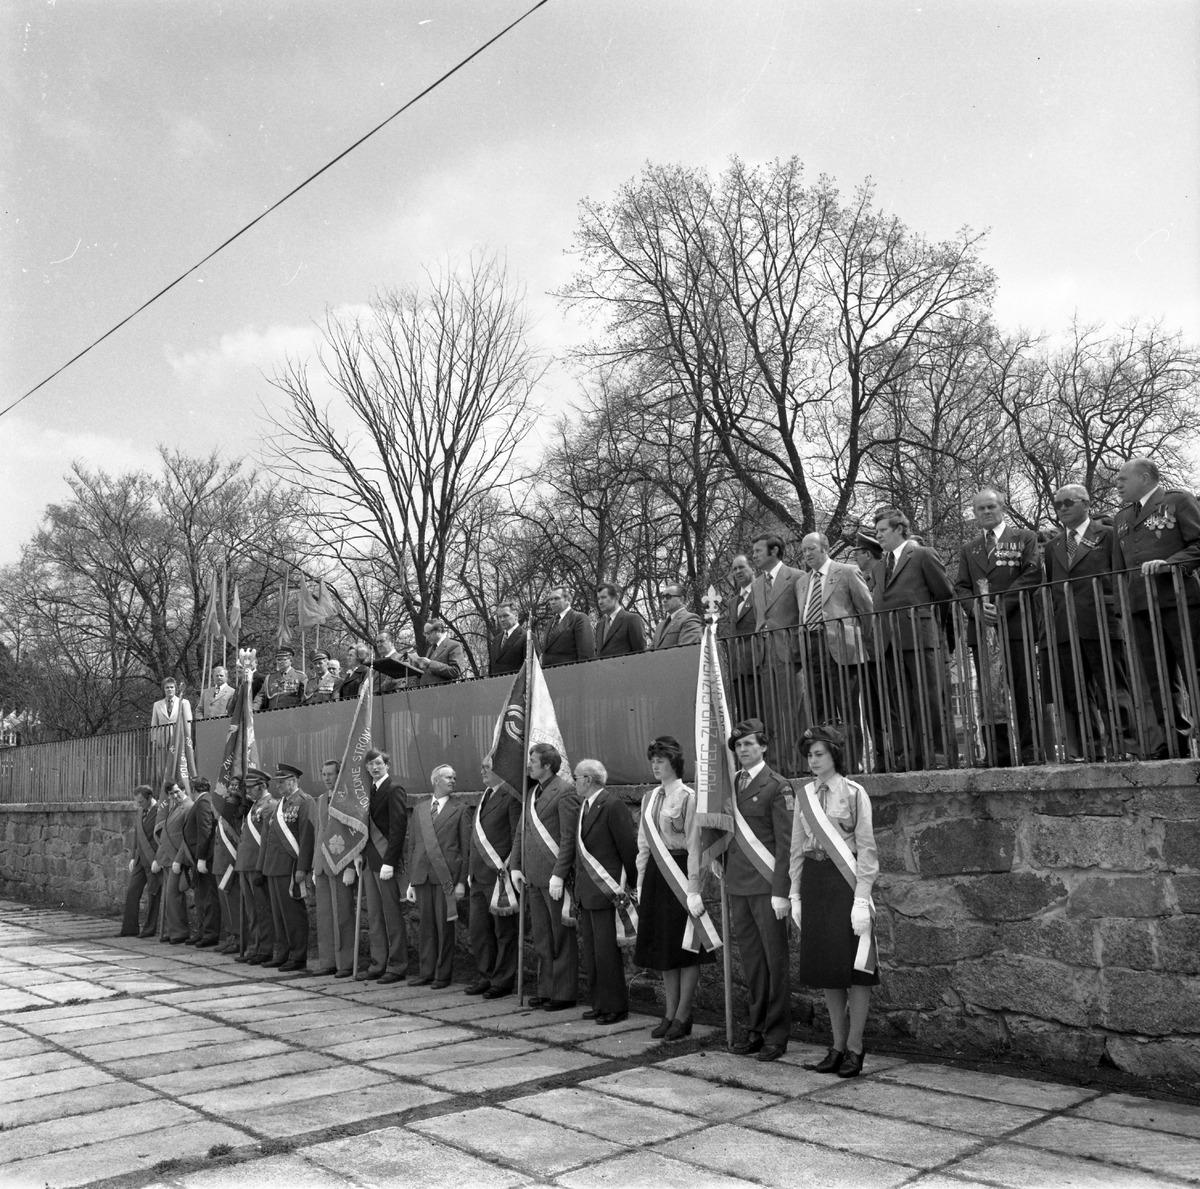 Uroczystość odsłonięcia pomnika żołnierzy radzieckich [3]